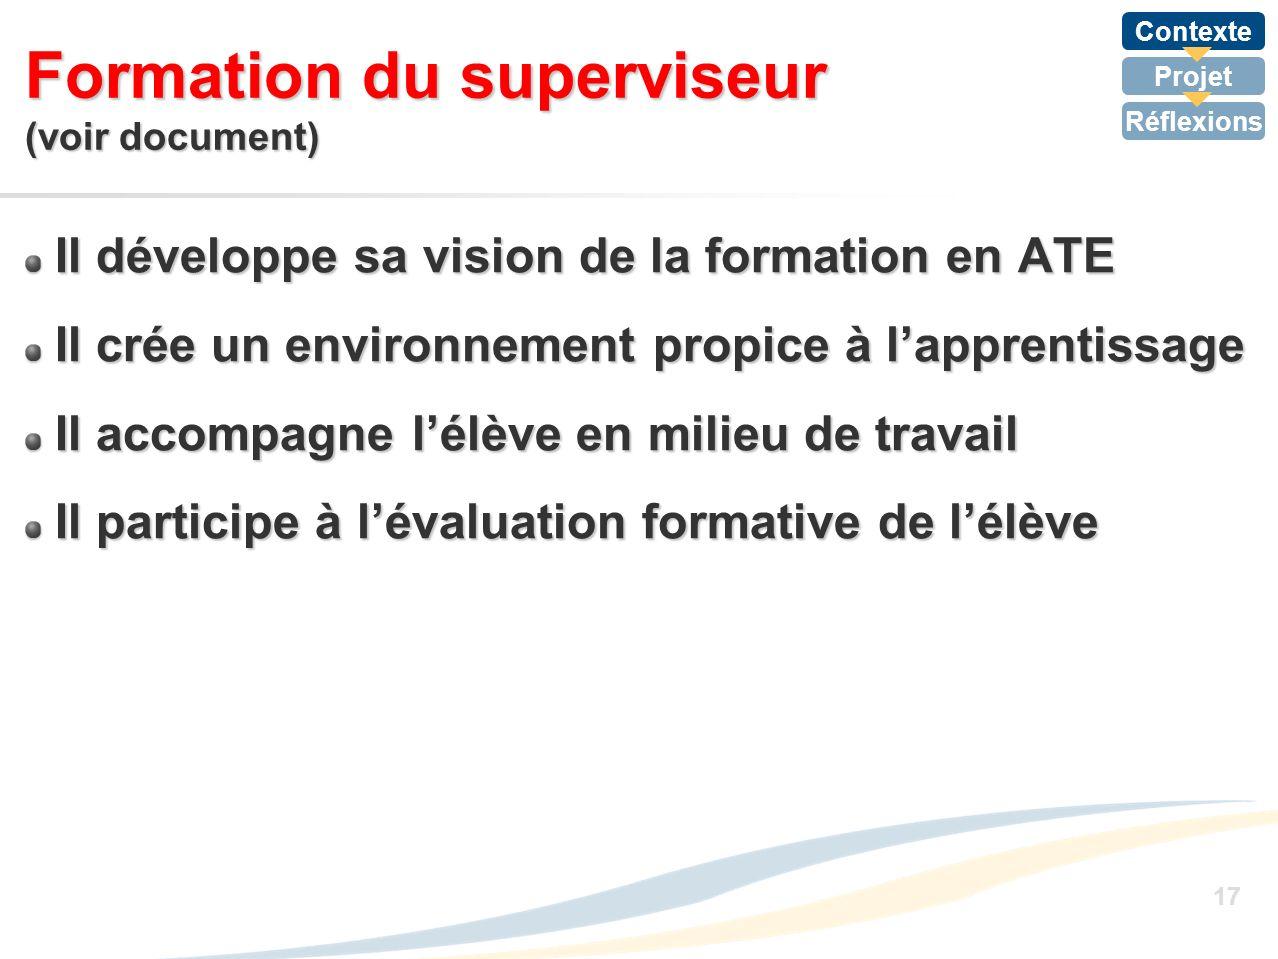 Contexte Projet Réflexions 17 Formation du superviseur (voir document) Il développe sa vision de la formation en ATE Il crée un environnement propice